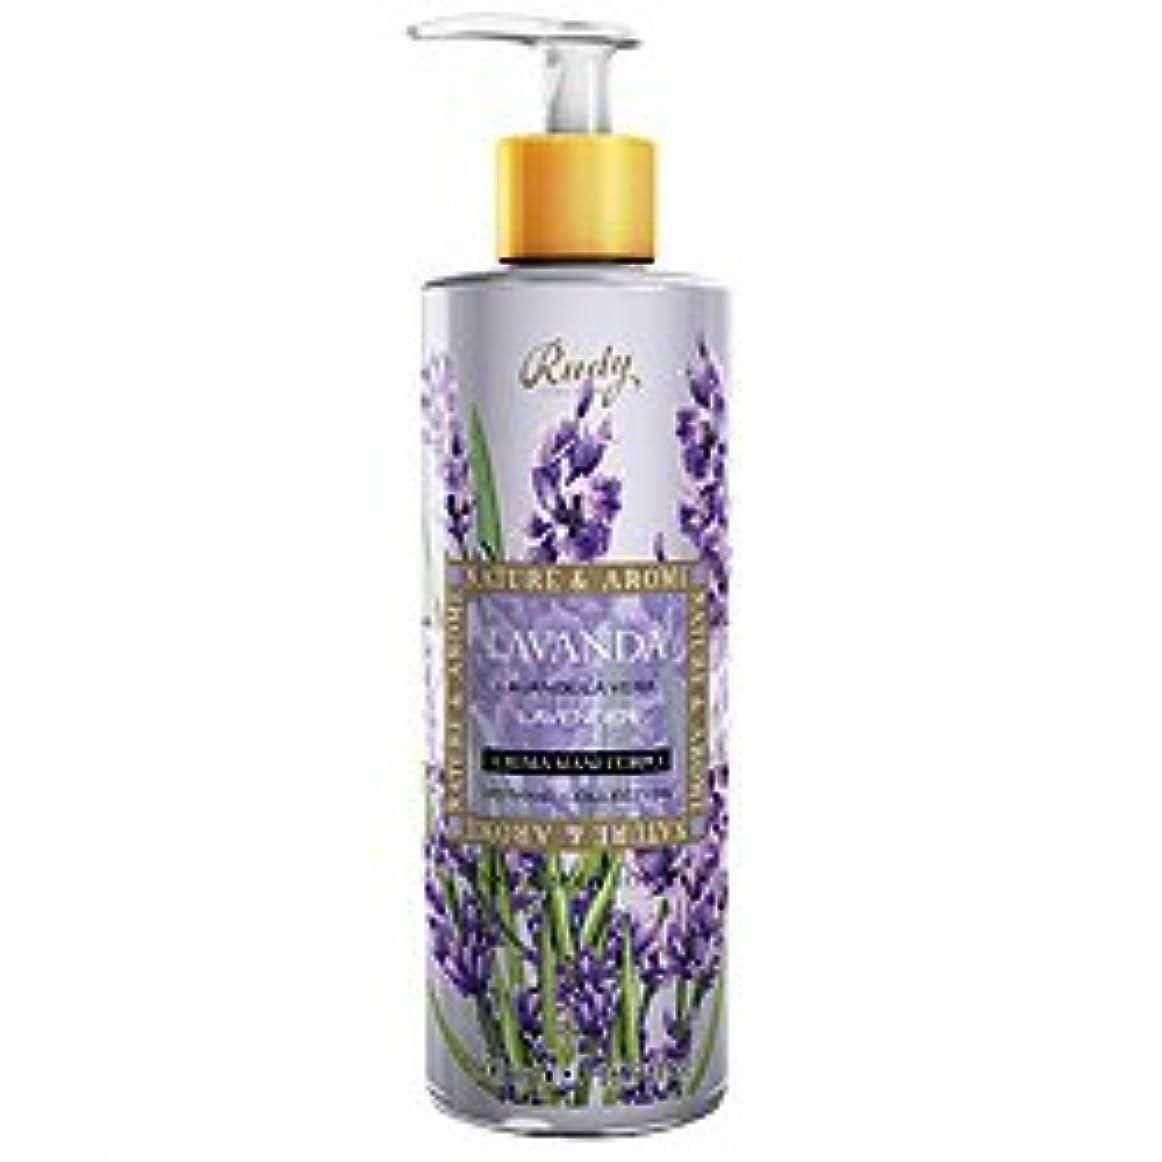 出身地ストレスの多いありがたいルディ(Rudy) ナチュール&アロマ ハンド&ボディローション ラベンダー 500ml 【並行輸入品】 RUDY Nature&Arome SERIES Hand&Body lotion Lavender